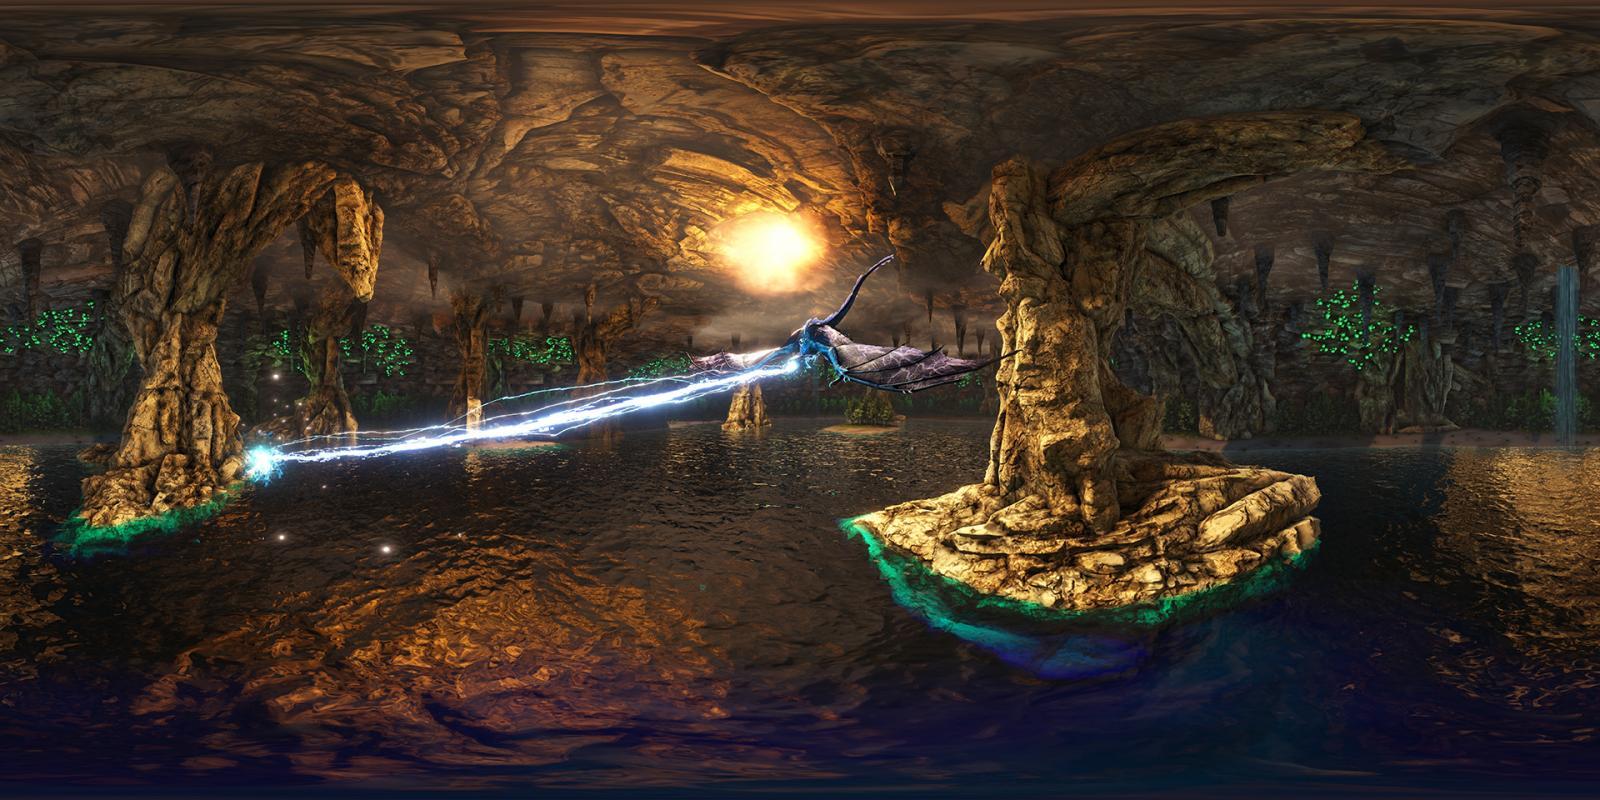 large.59e14aeb4797c_Vakarian-JourneytotheCenteroftheEarth-Panoramic360Stereoscopic3D.jpg